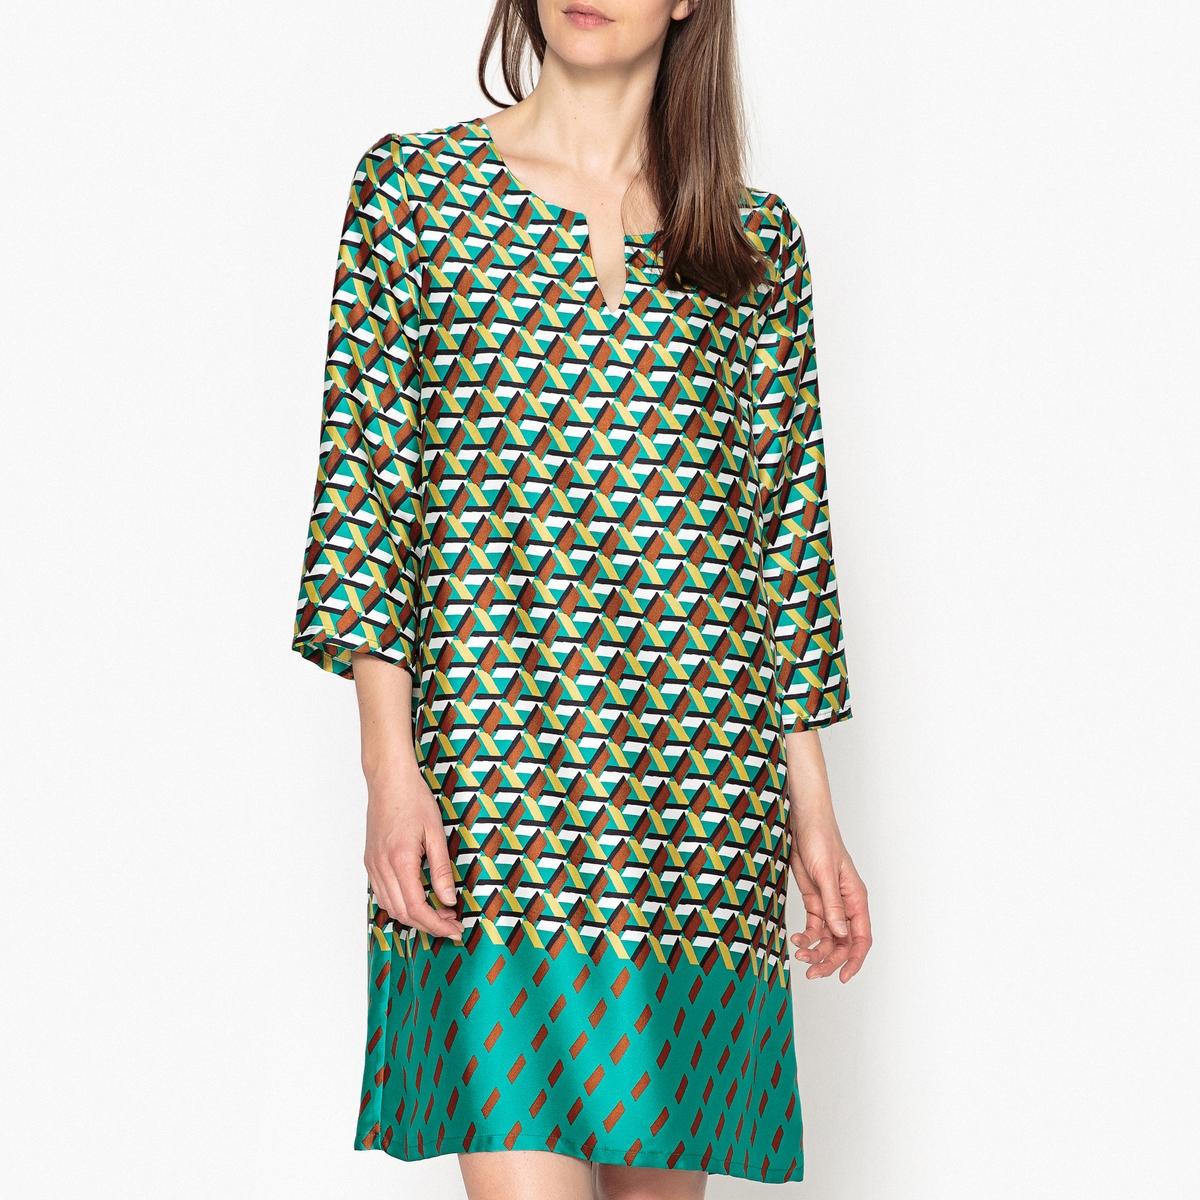 Платье с принтом VALINA платье с принтом и шифоном adzhedo платья и сарафаны с принтом